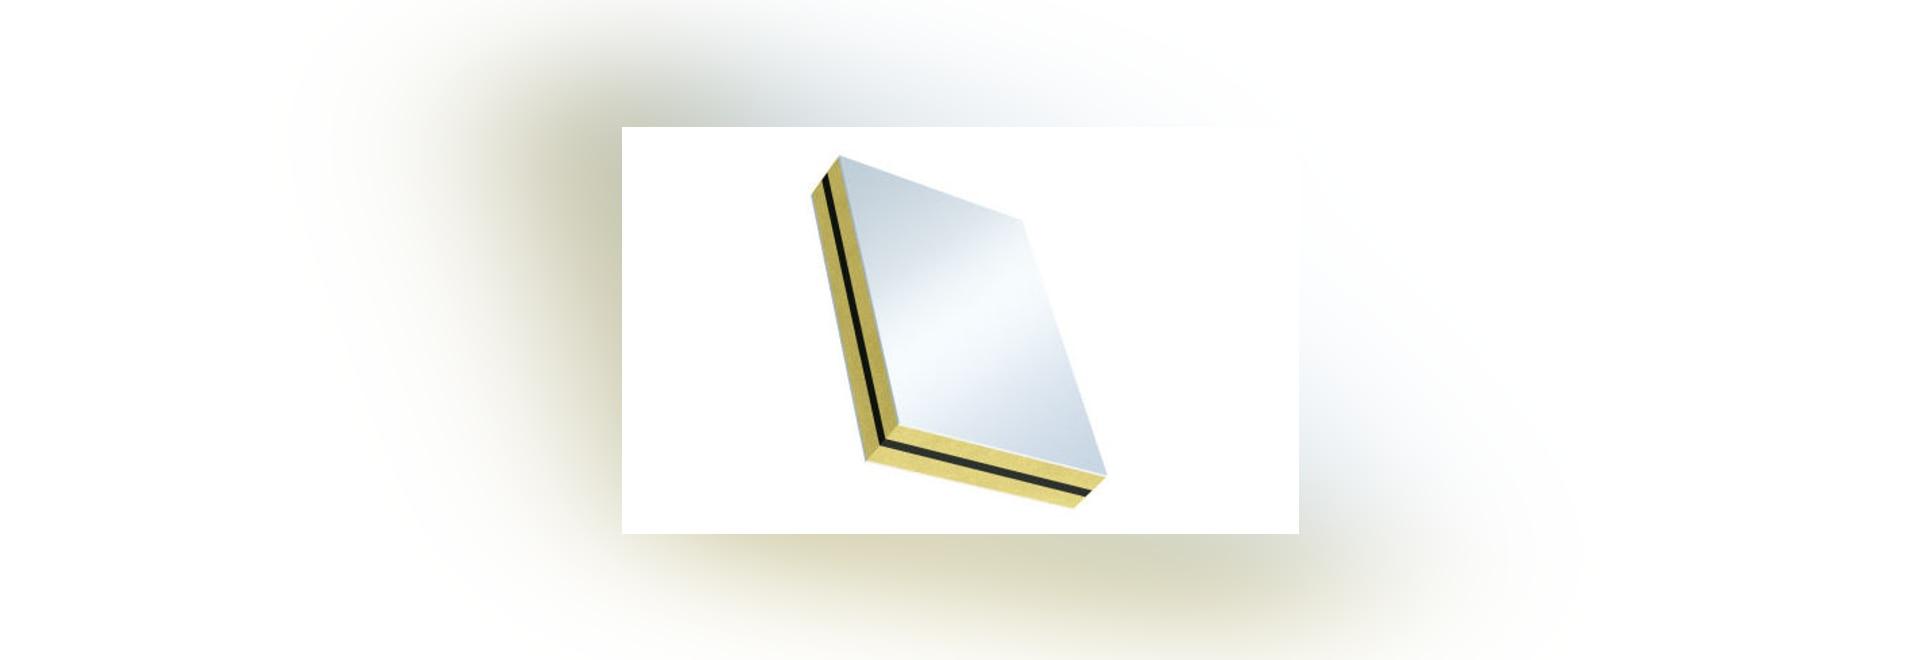 NEU: Sandwich-Dämmplatte für Fenster by WEISS CHEMIE + TECHNIK GMBH & CO. KG